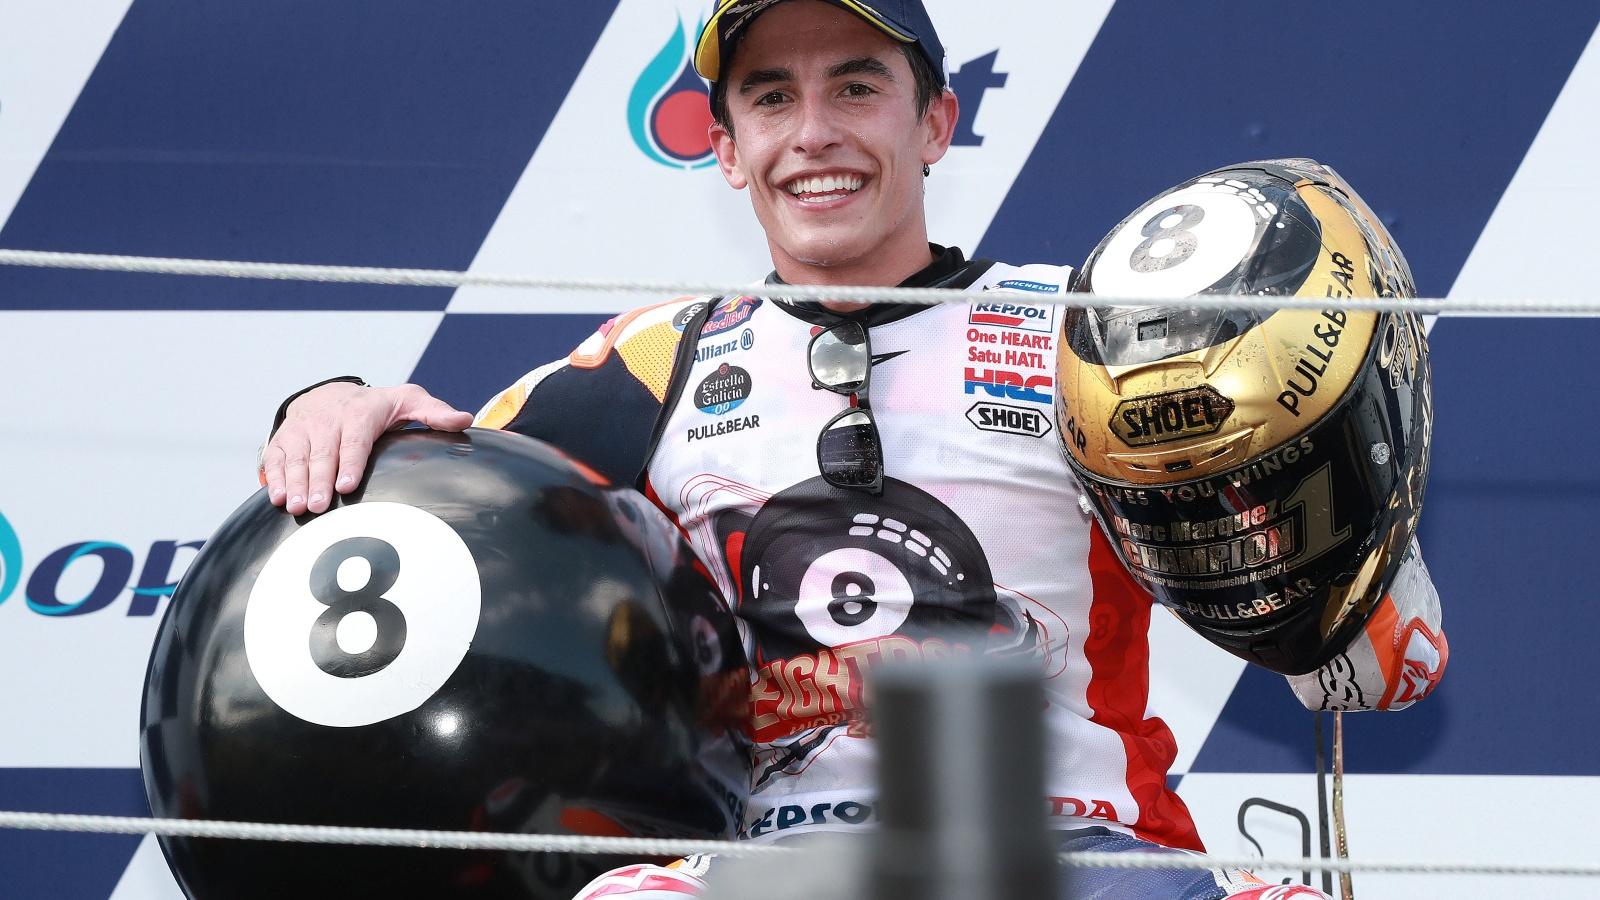 El motivo por el que Marc Márquez no necesita irse de Honda para demostrar nada